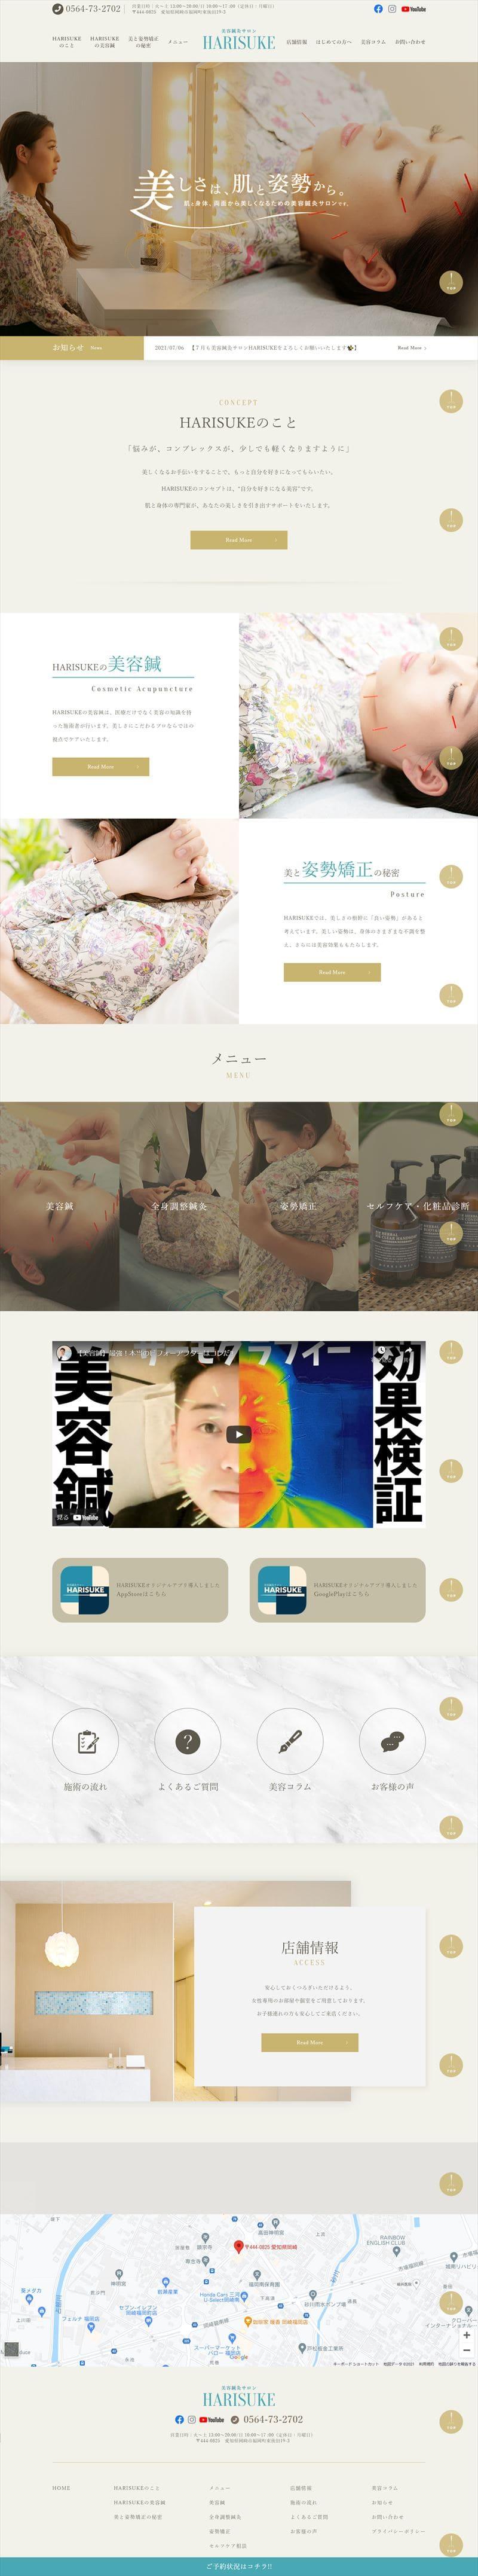 美容鍼灸サロンHARISUKE